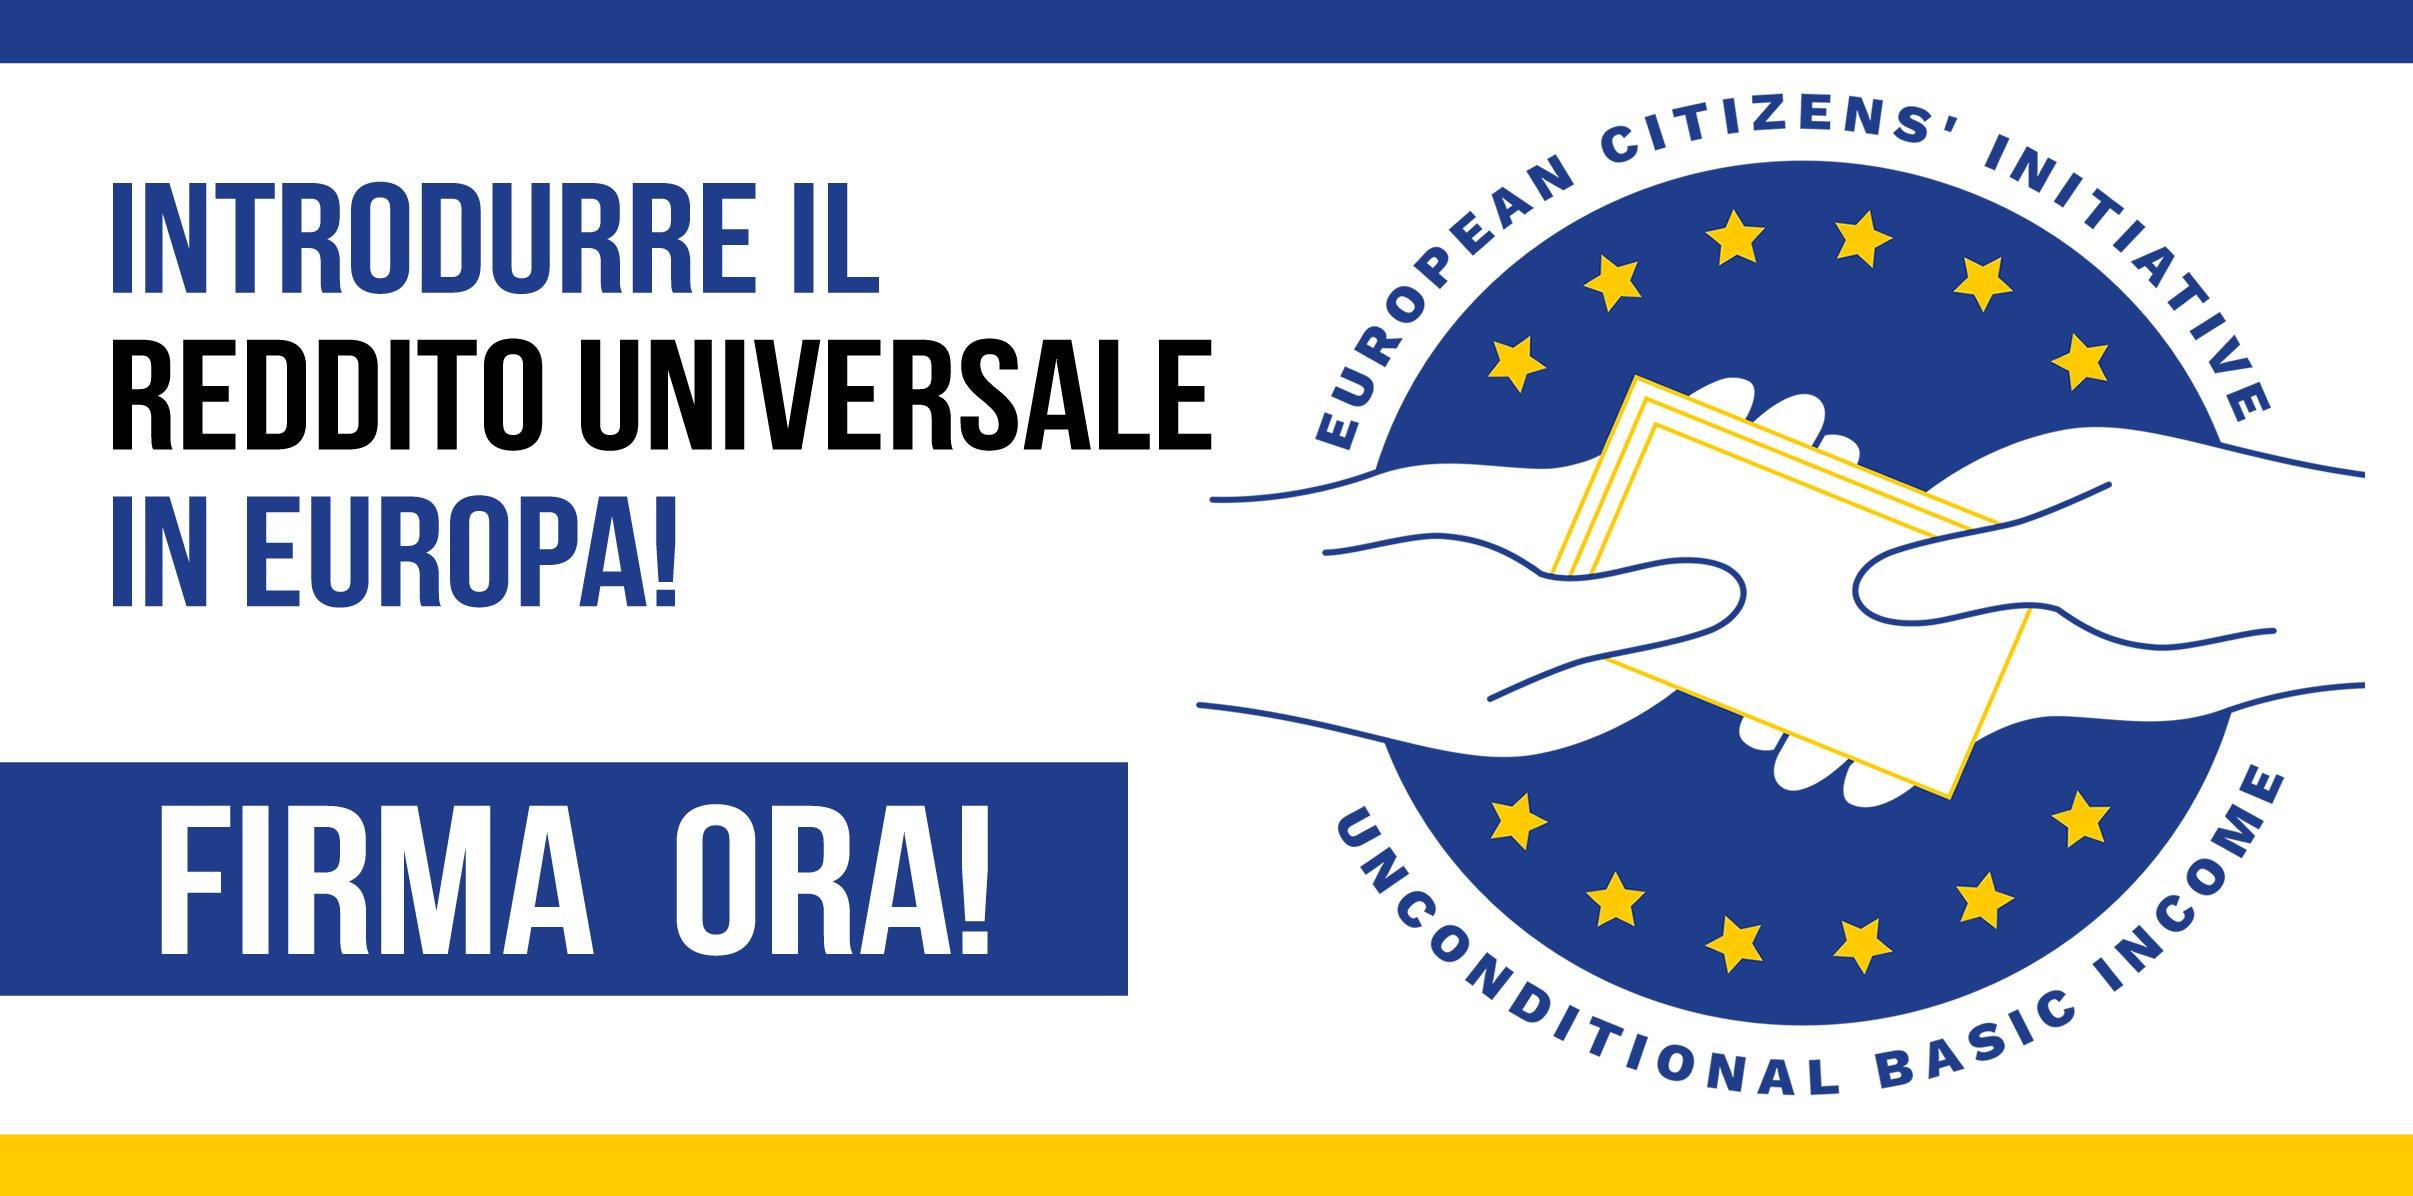 Immagine presa da: http://www.beppegrillo.it/cittadini-europei-per-il-reddito-universale-e-iniziata-la-raccolta-firme/